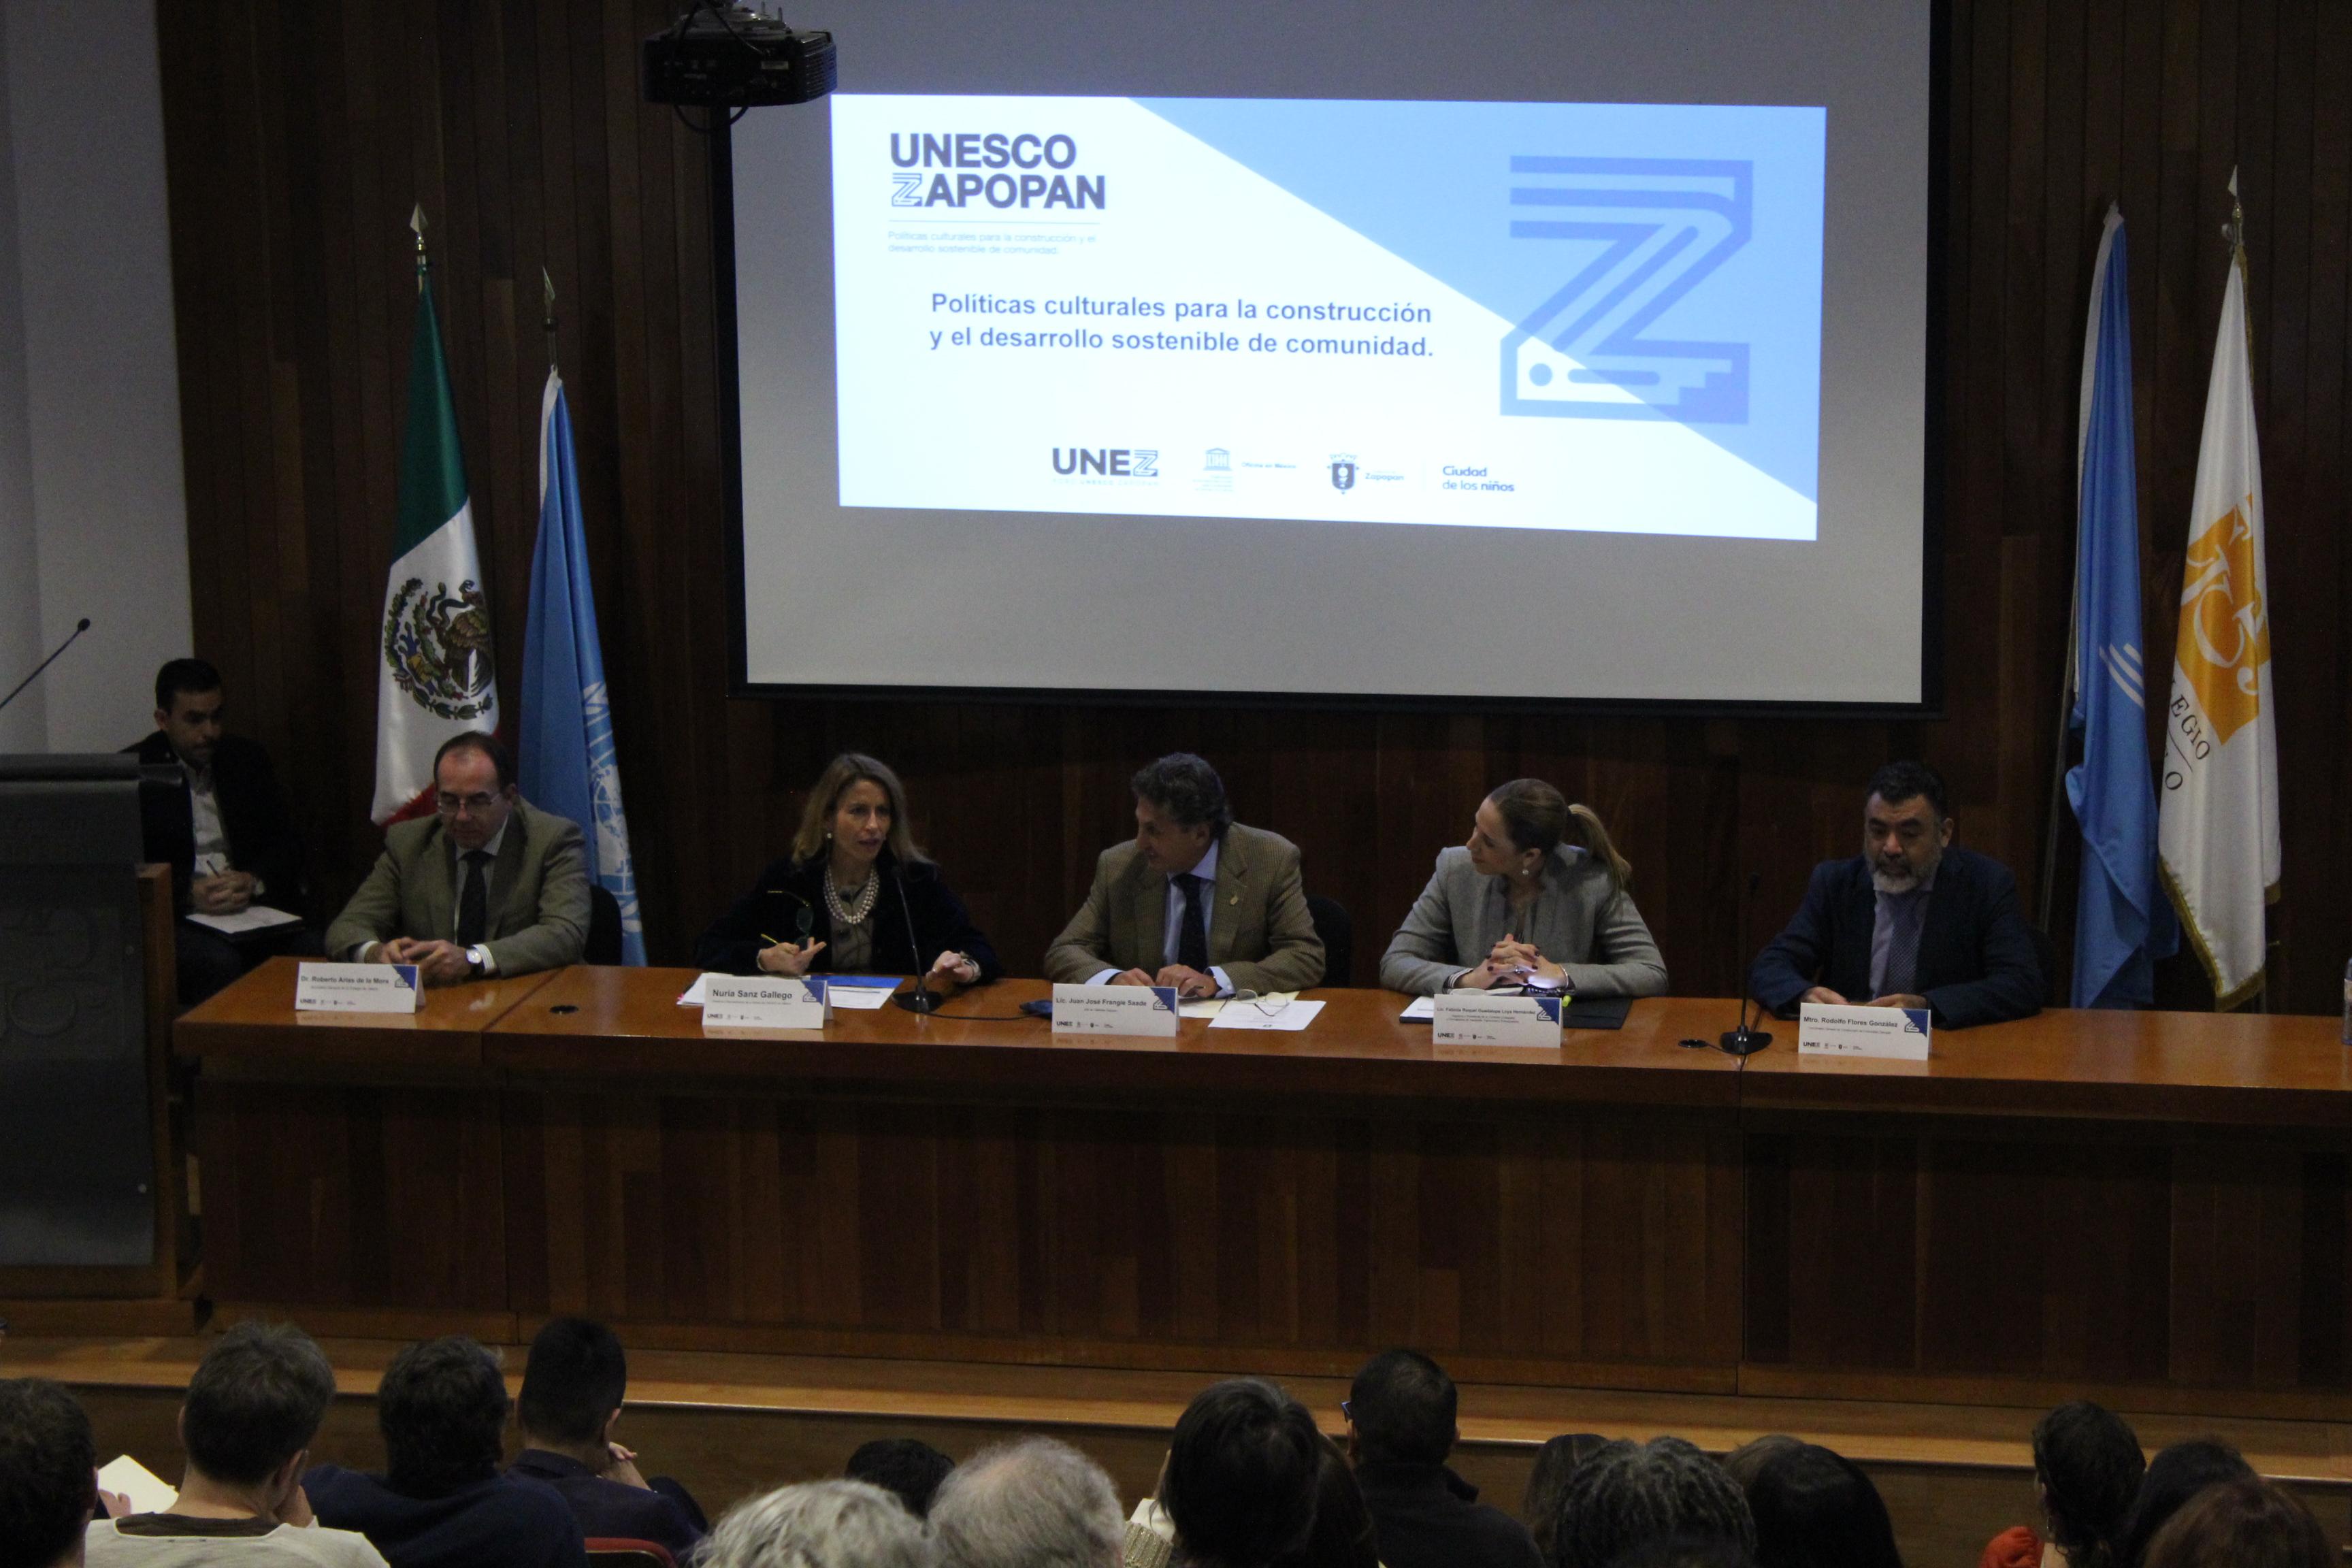 Presenta Zapopan Declaración Internacional de Políticas Culturales para el Desarrollo Sostenible de la Comunidad